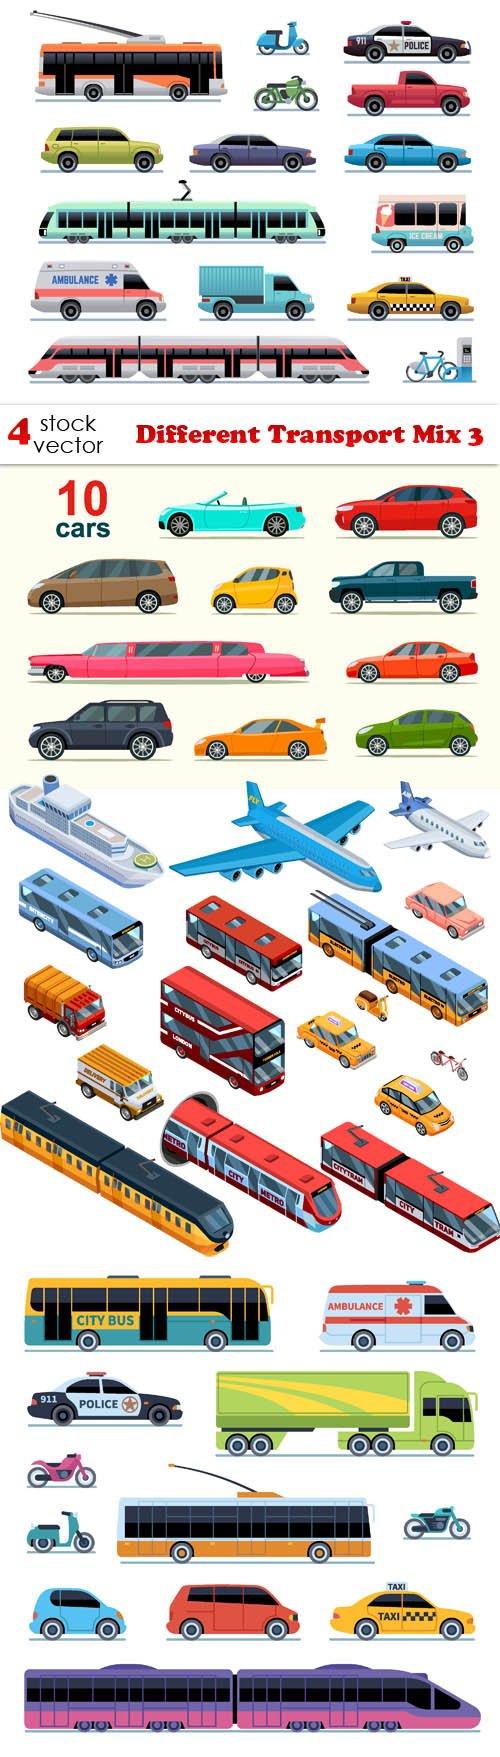 Vectors - Different Transport Mix 3